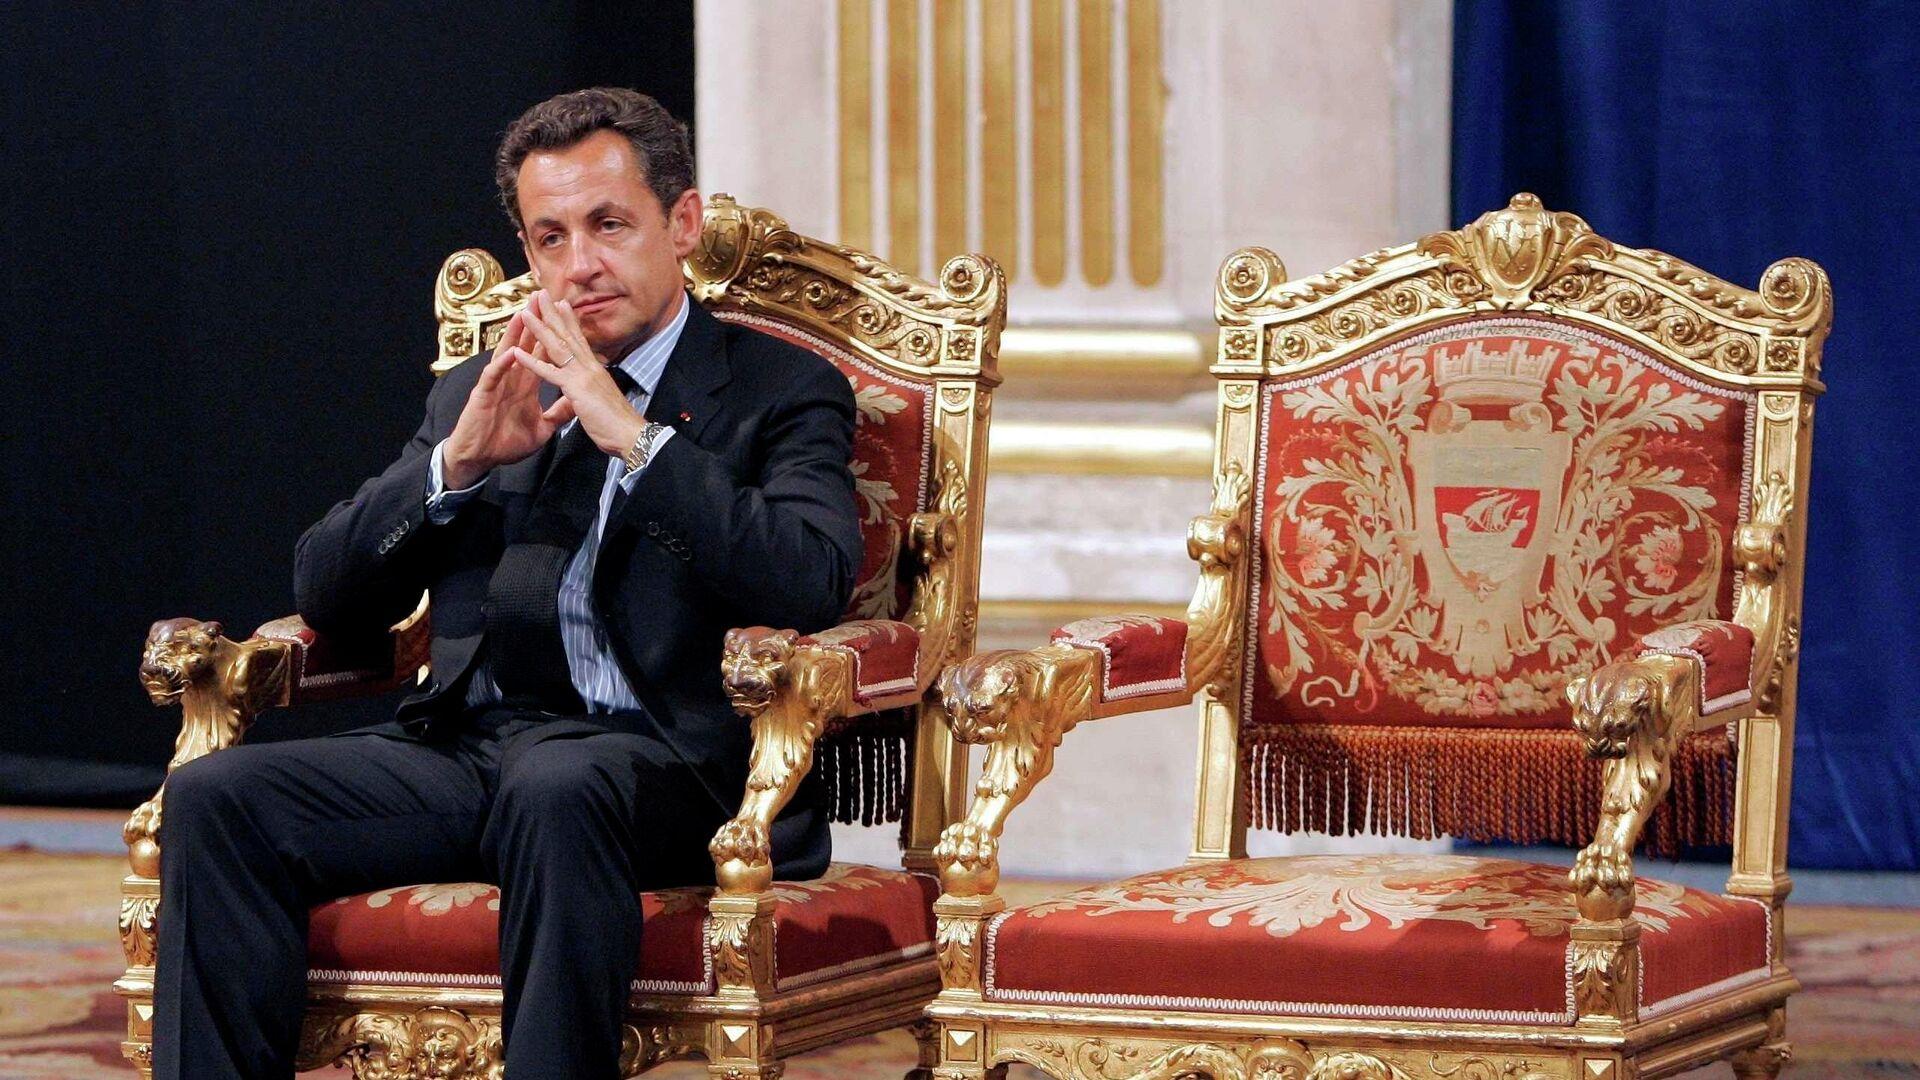 Николя Саркози - Sputnik Беларусь, 1920, 30.09.2021